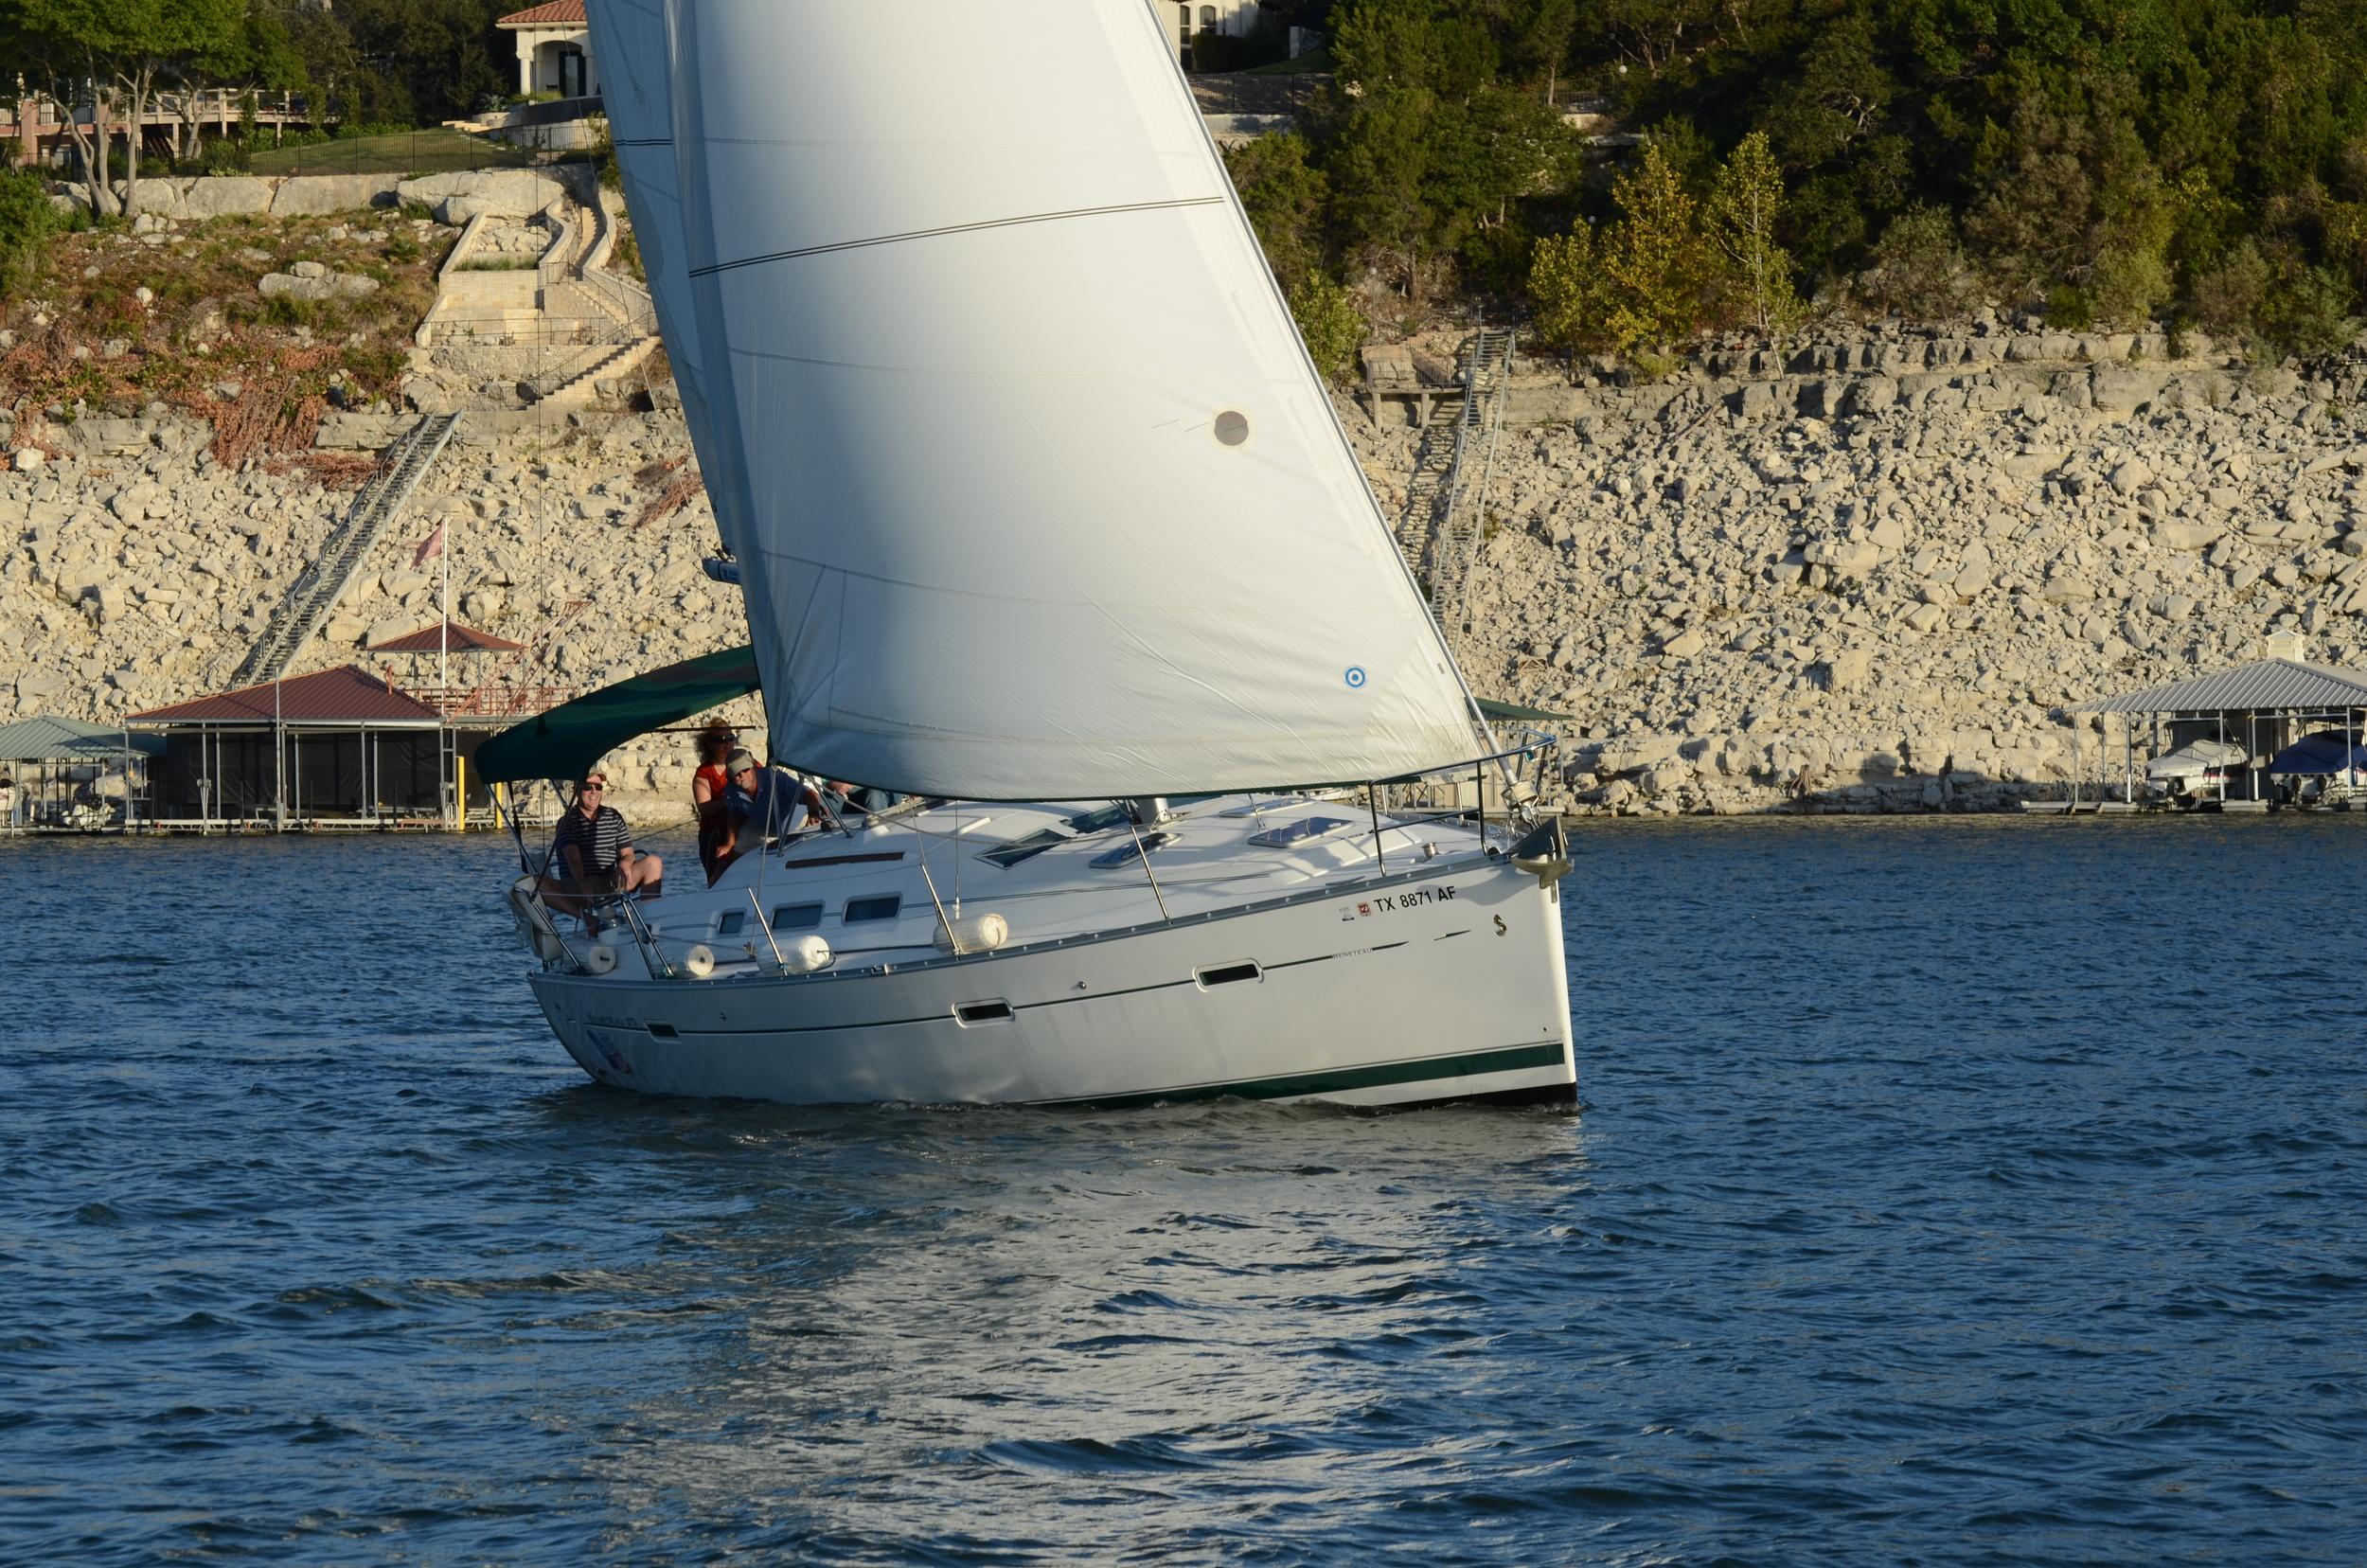 sailboat rentals.JPG